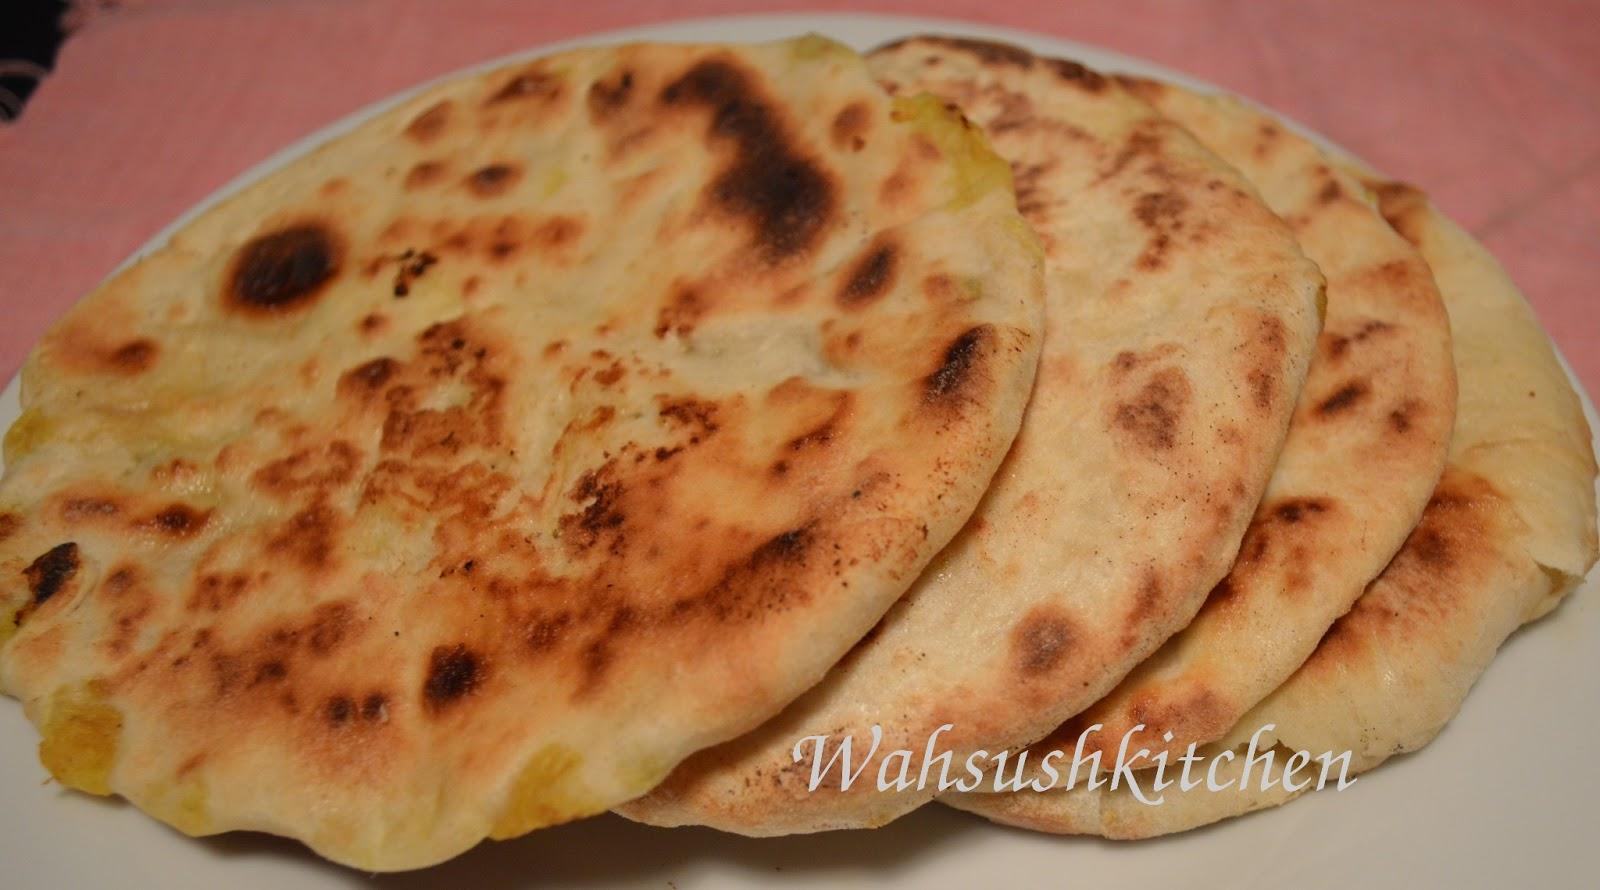 Wahsush kitchen masala nan nan stuffed bread tandoori nan